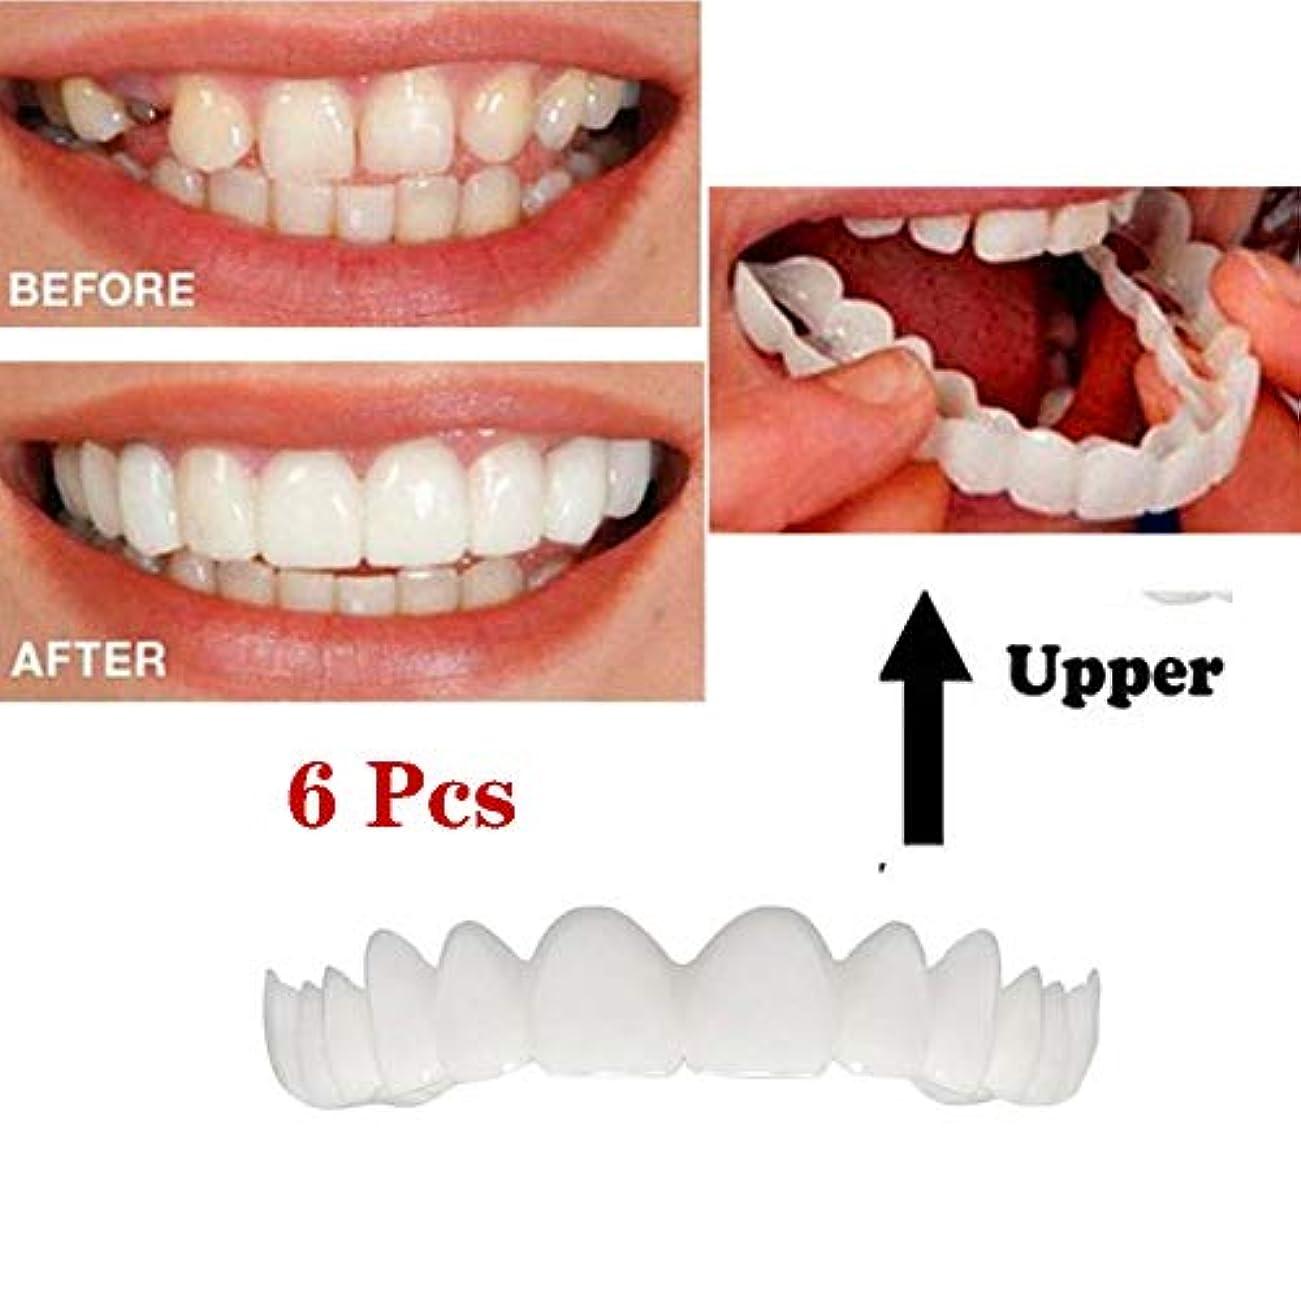 持ってる彼自身発揮する義歯口腔ケア歯ホワイトニング義歯口腔ケアアッパーブレース一時的な化粧品歯義歯 - 6本